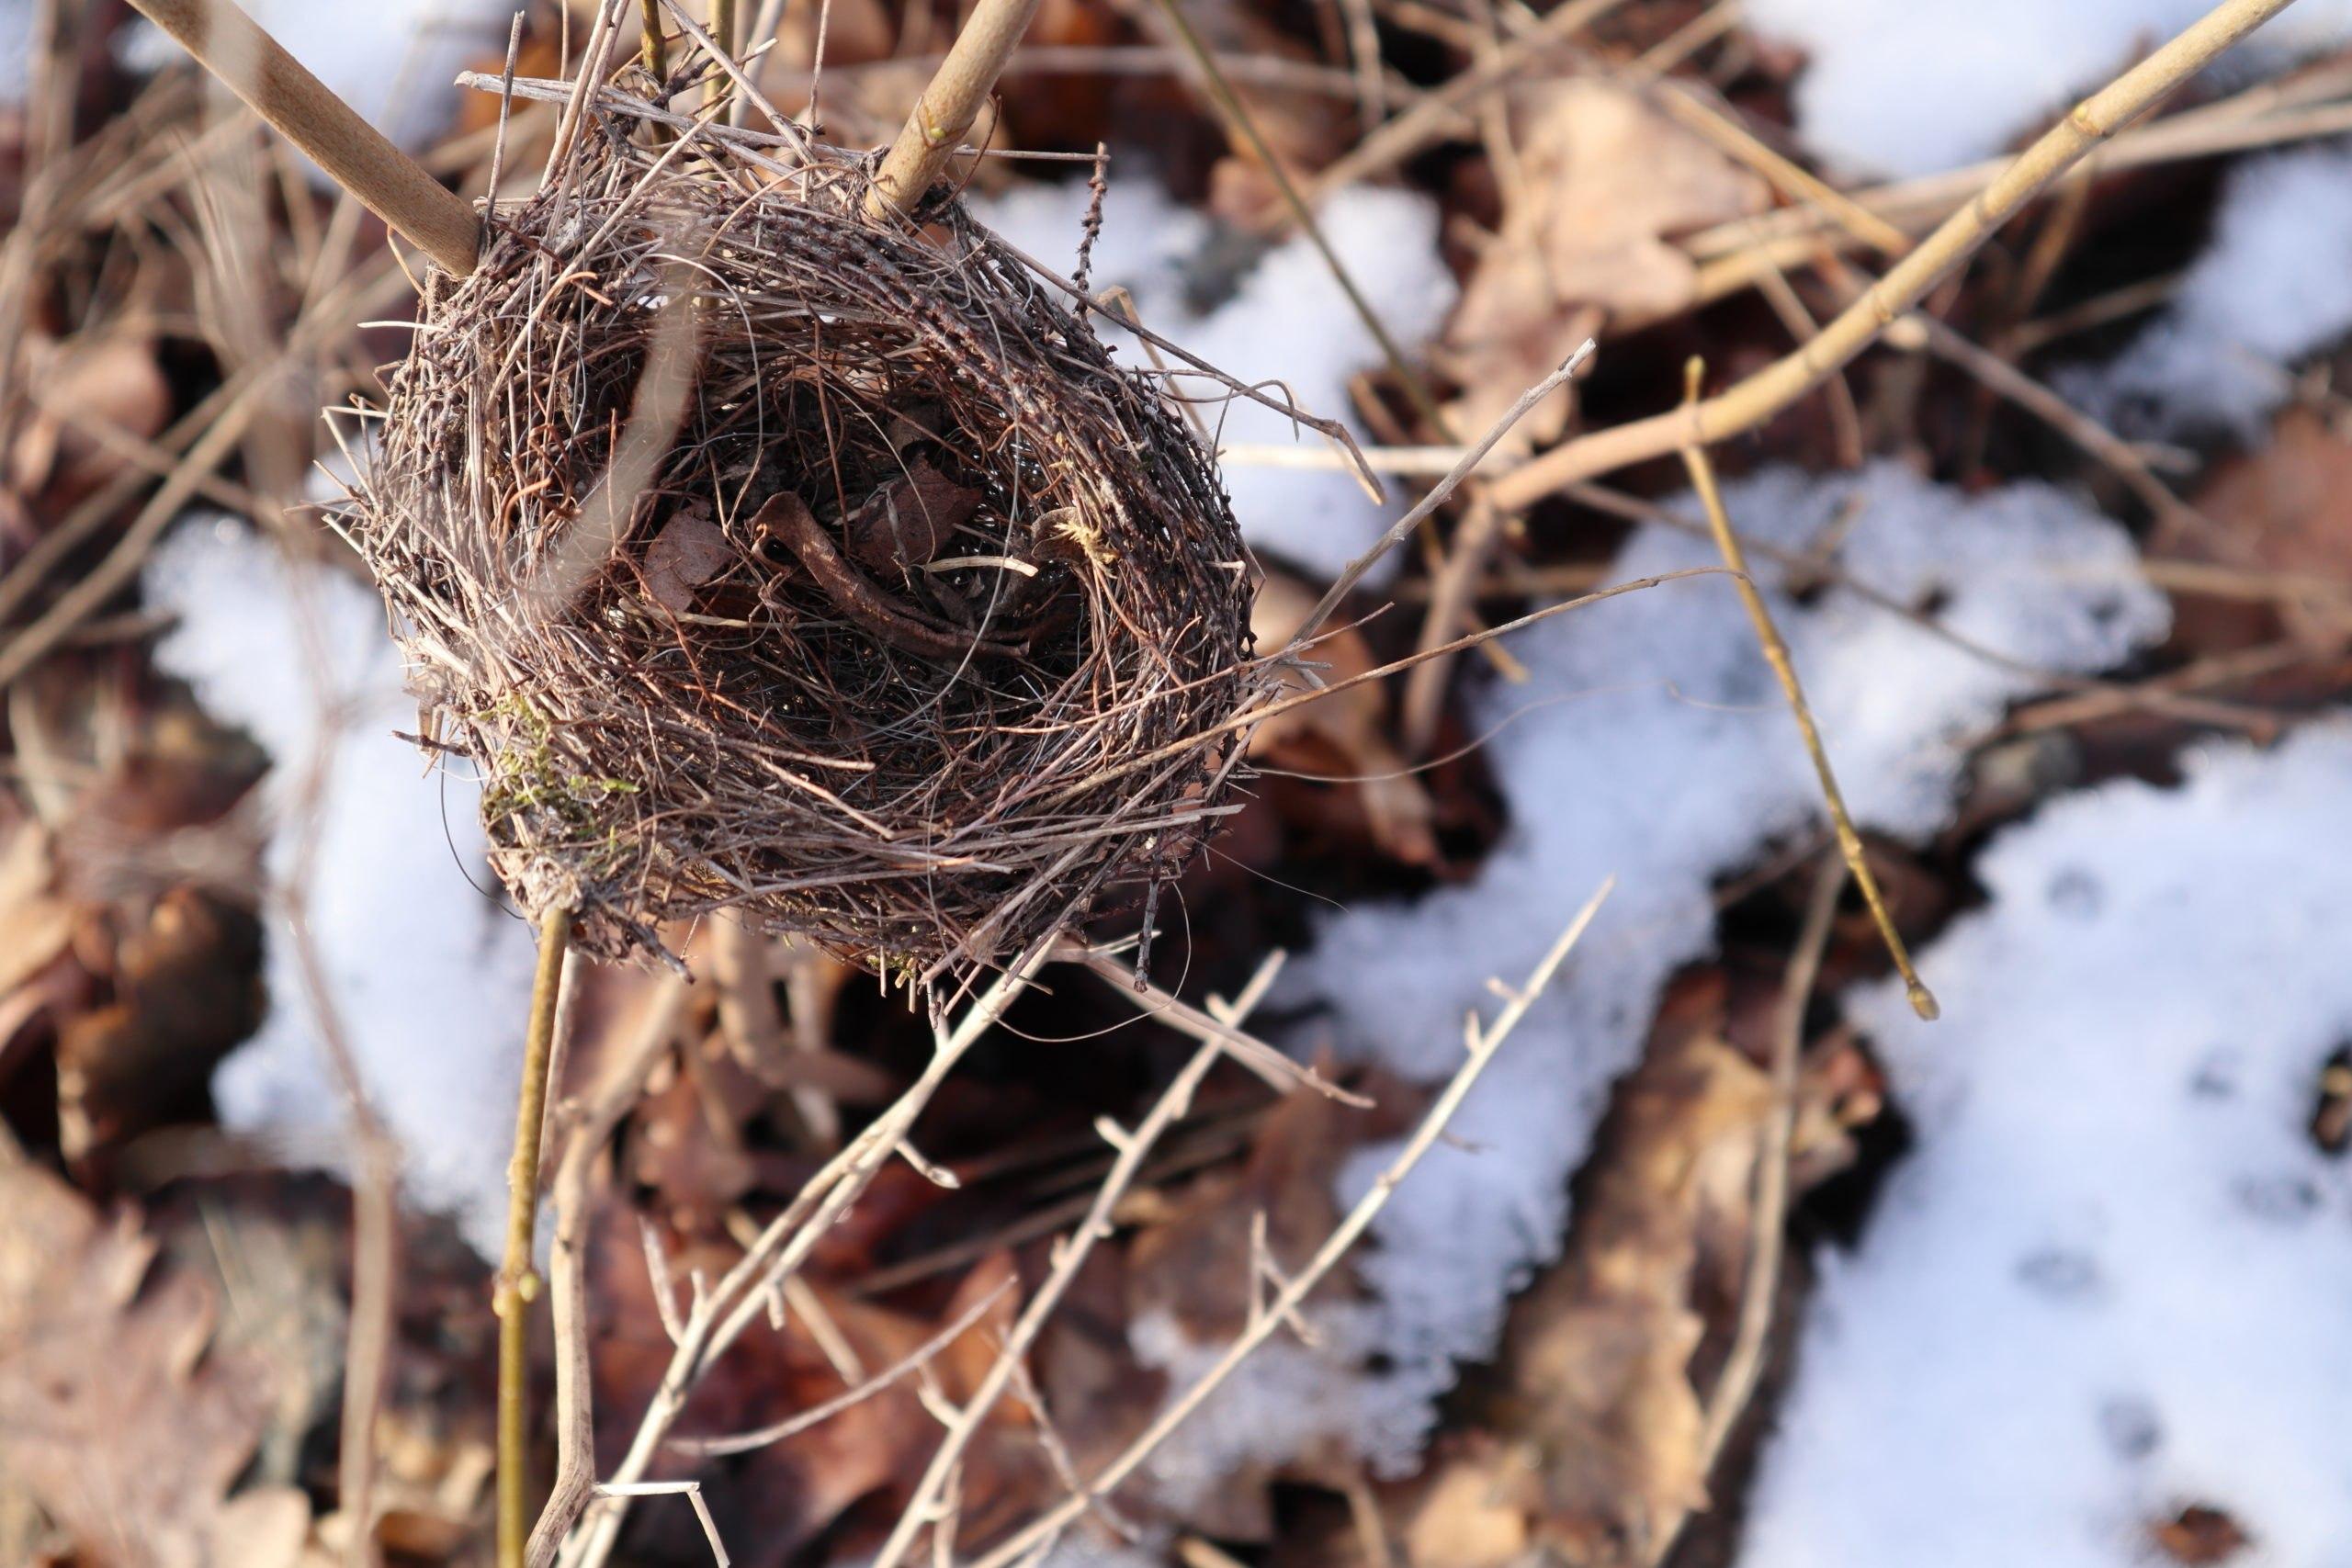 Nest am Zweig - Palmengarten, Leipzig